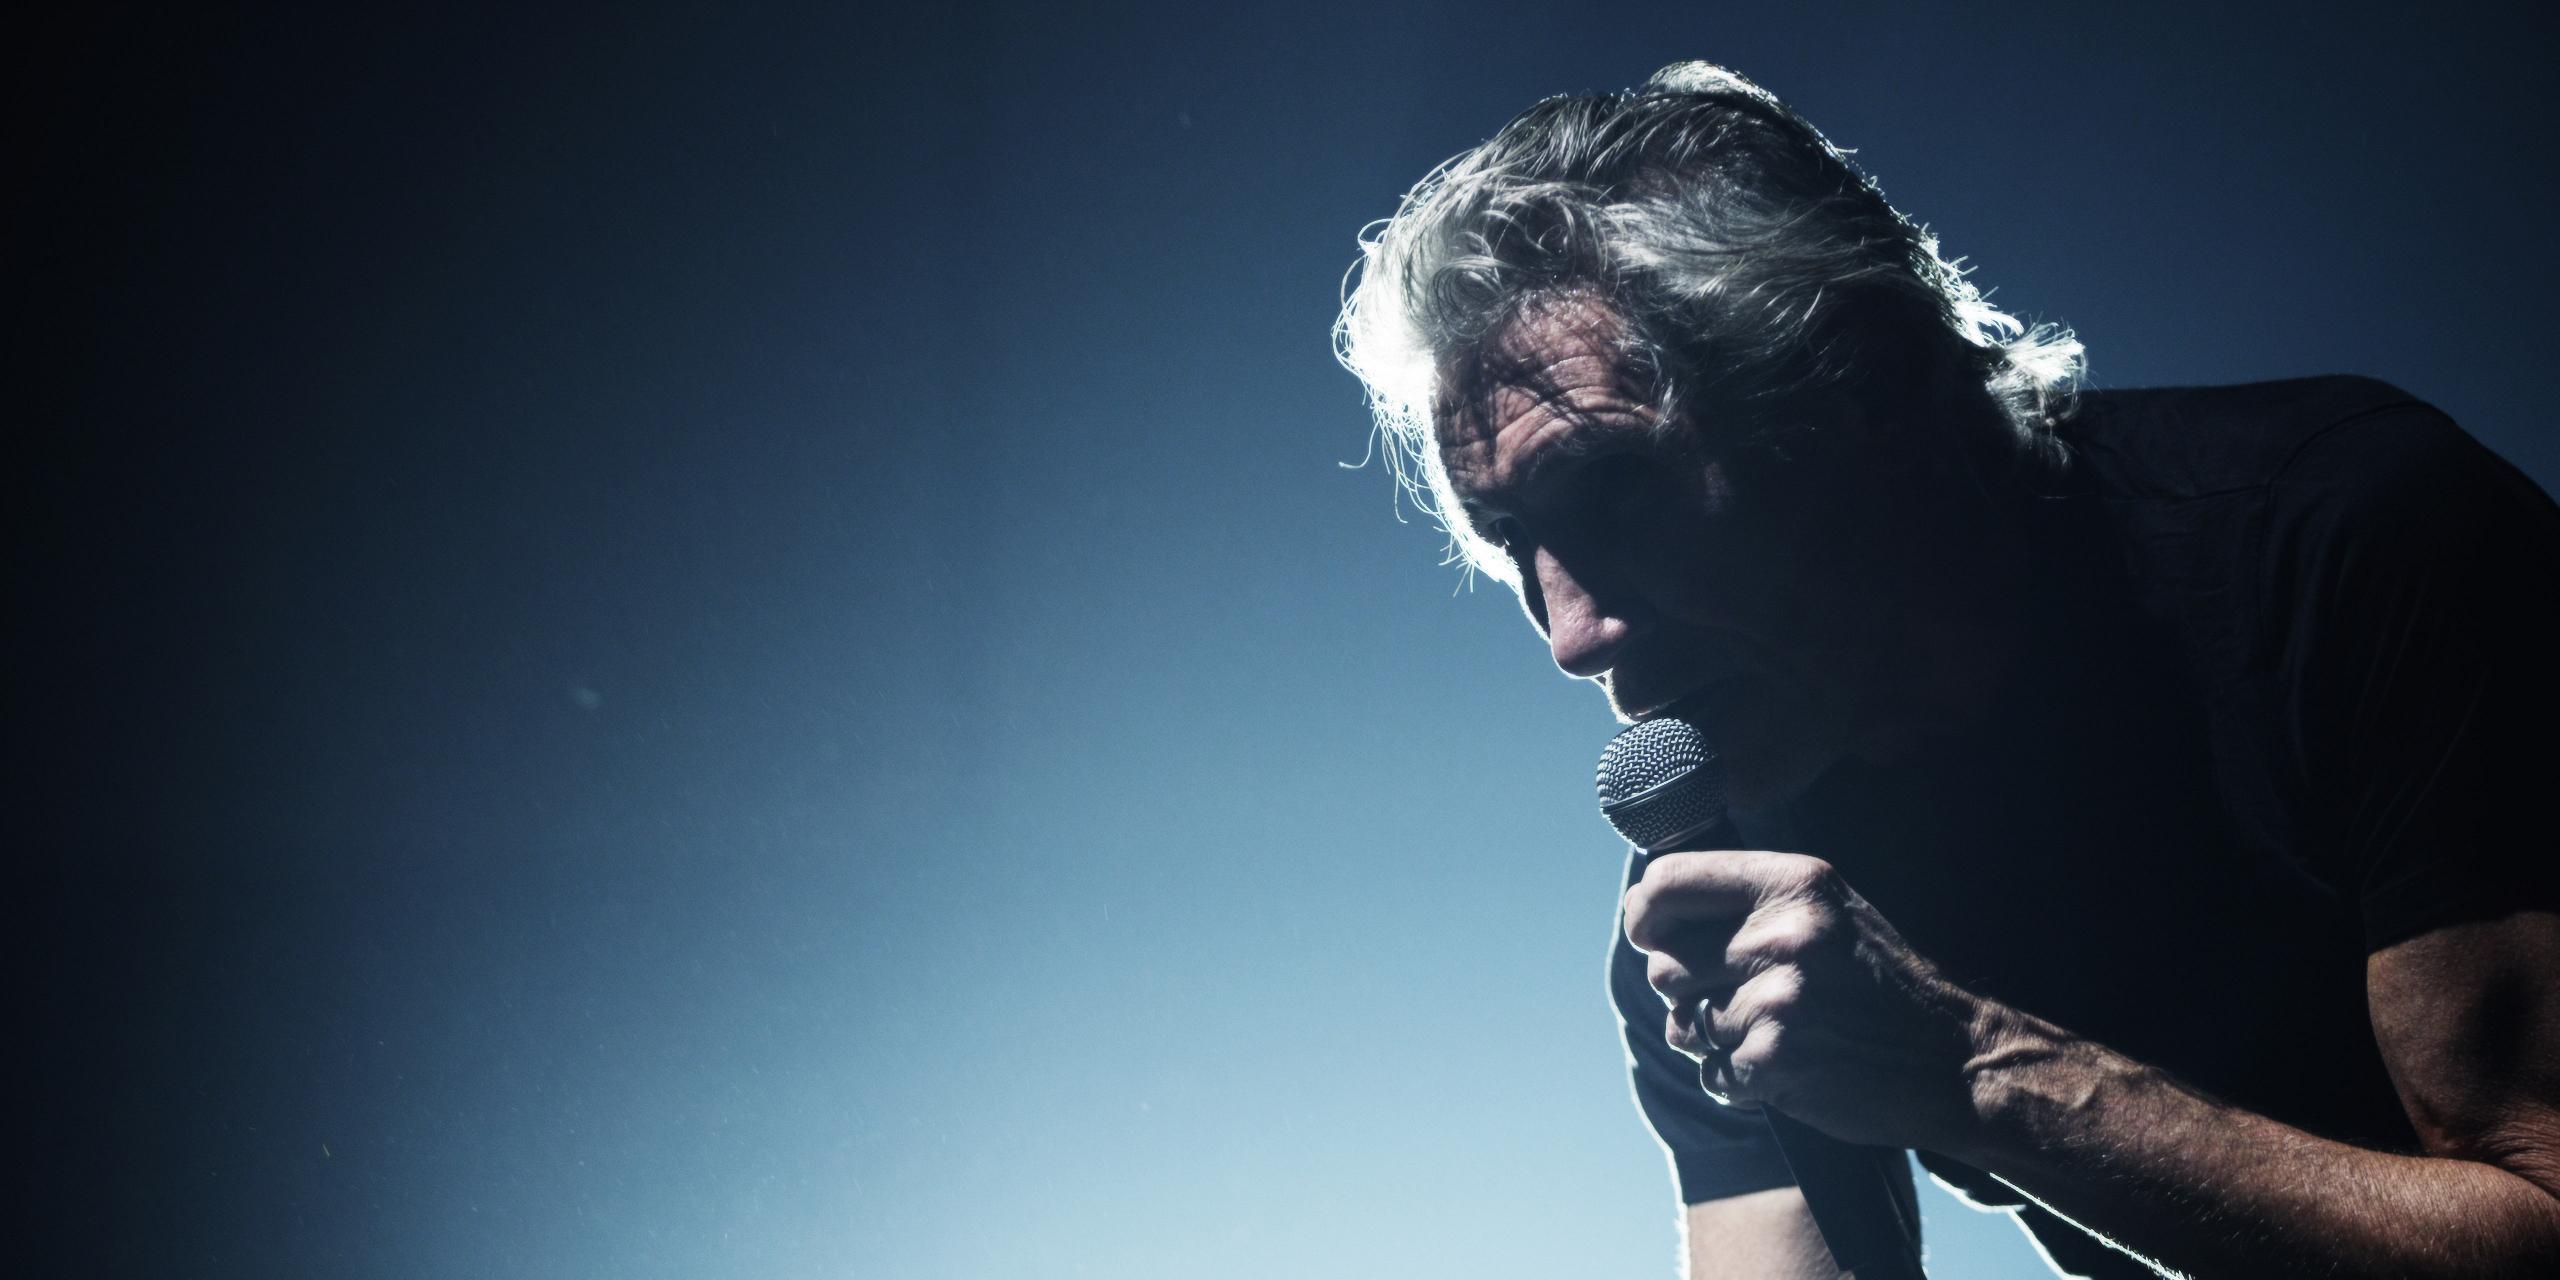 2018.05.02 Roger Waters<br /><br />Ha a Napalm Death, a Tormentor, vagy a Metallica alap és kötelező, ha a rockzene egy-egy ágáról van szó, akkor Roger Waters bulija egyenesen minden rockernek ottlévős buli. A Pink Floydban maradandót alkotó, de szólóban is rengeteg slágert leszállító basszer/énekes a tematikus bulik után most egy meglepetésekkel teli, de alapvetően a legnagyobb dalokra épülő turné keretein belül látogat el Budapestre.